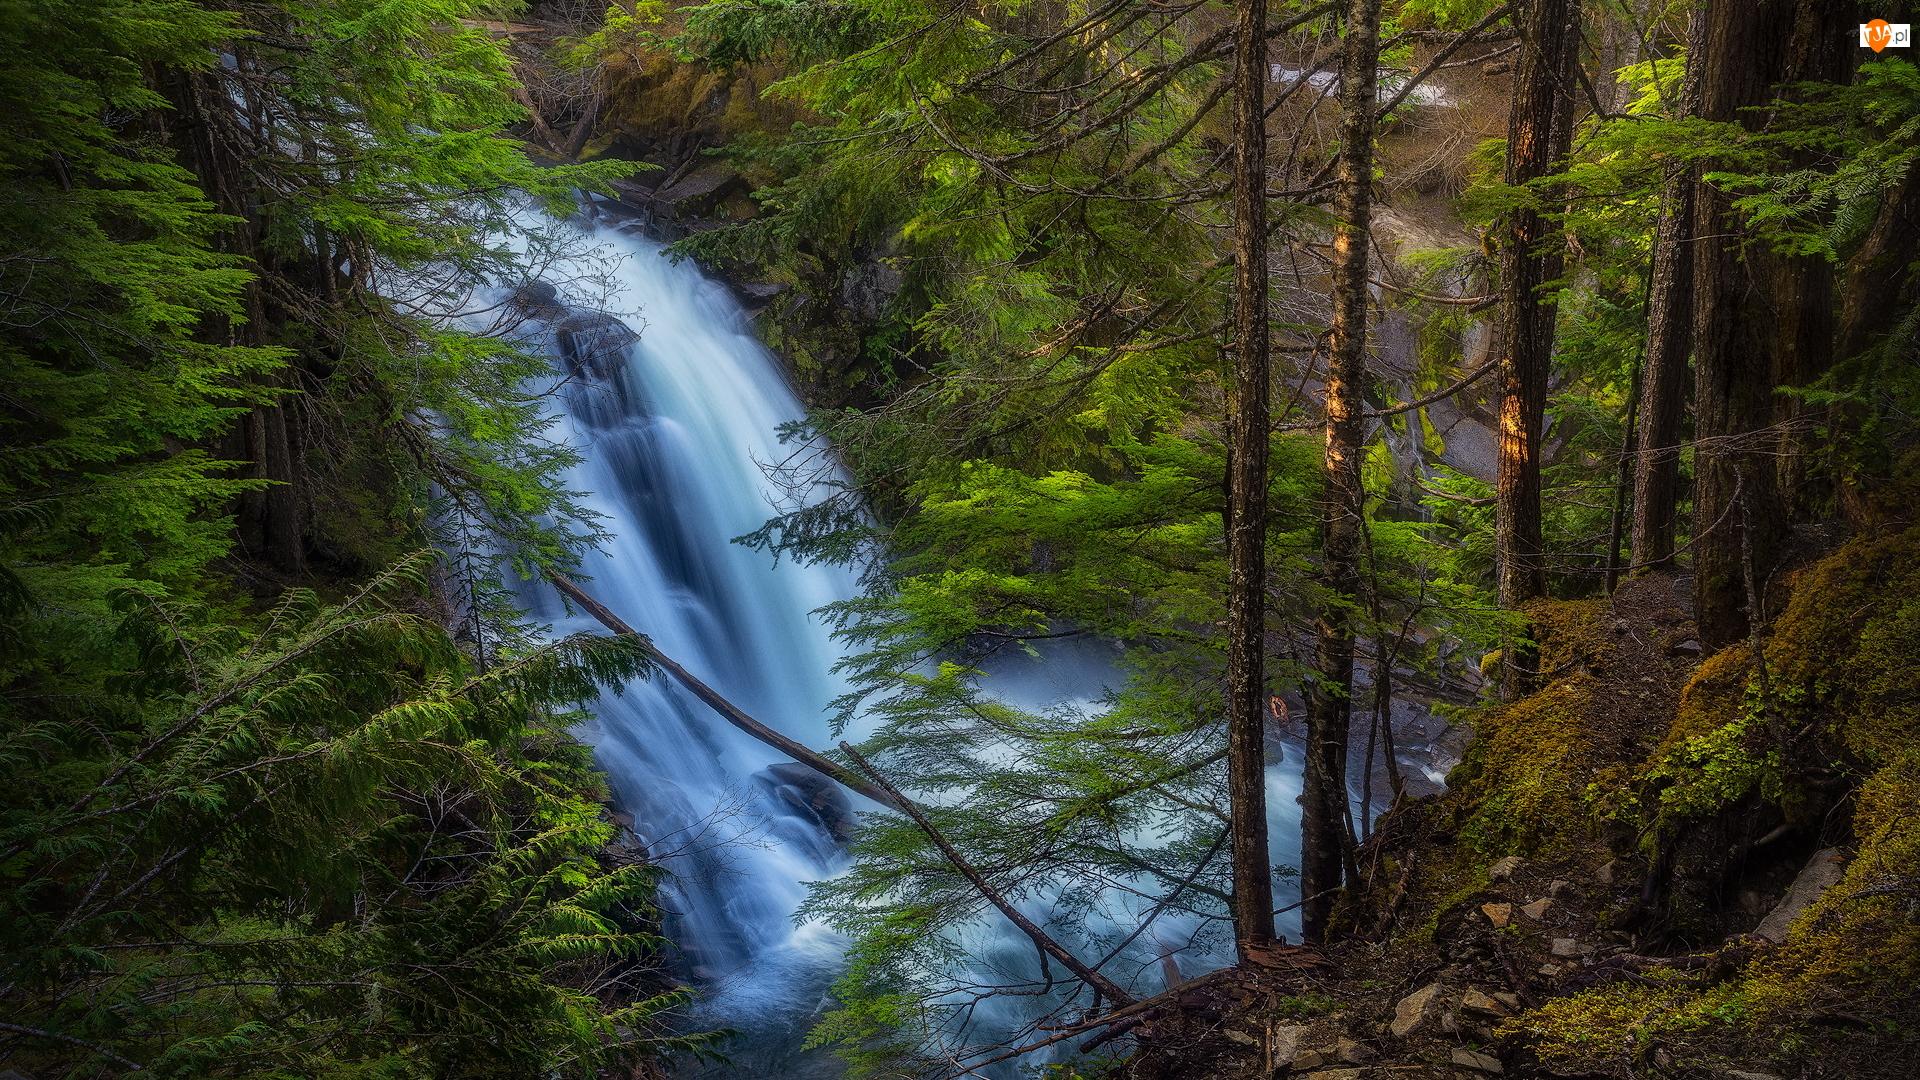 Wodospad, Las, Zielone, Drzewa